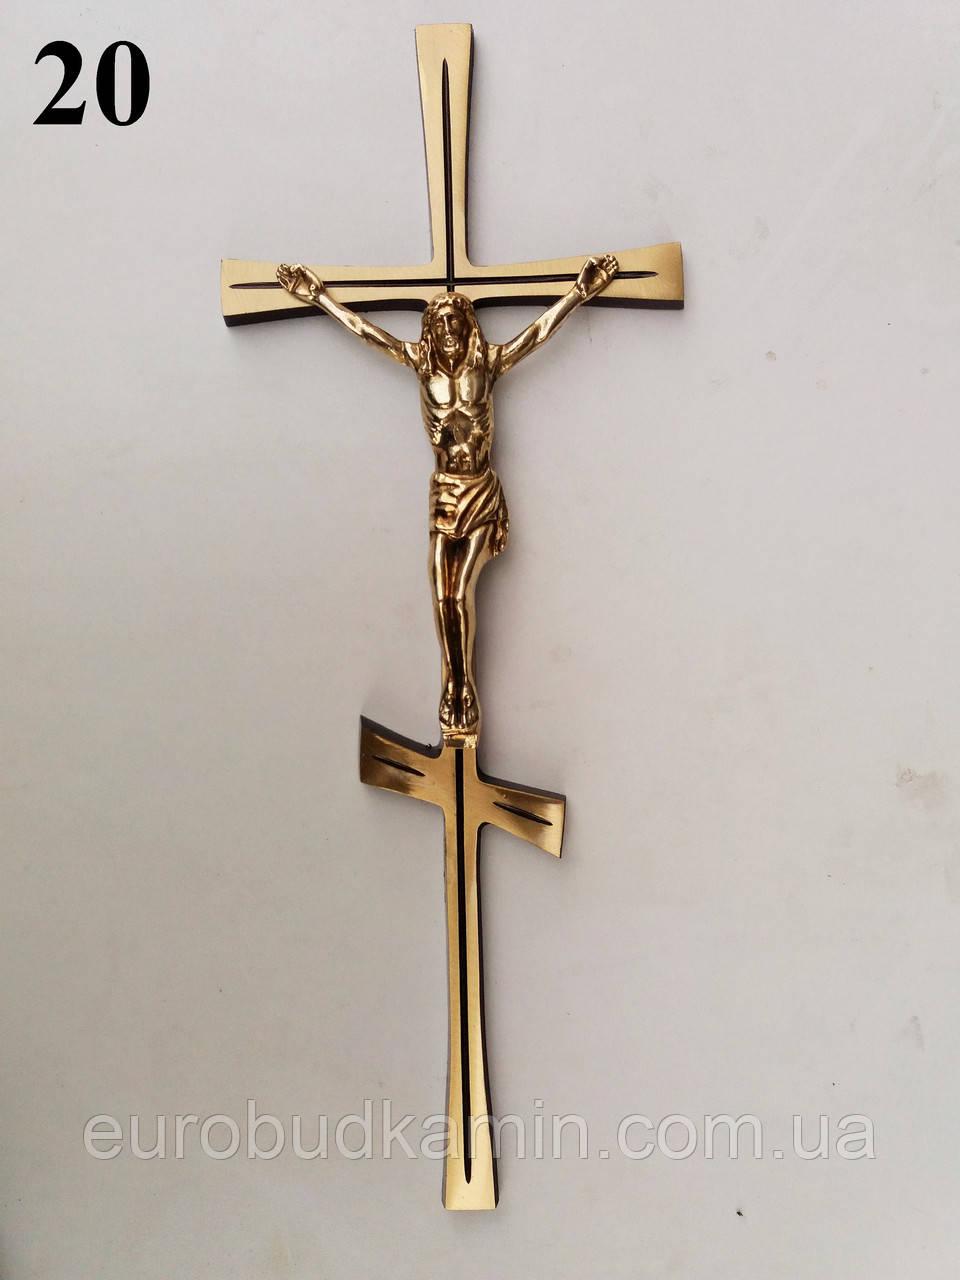 Латунный крест с распятием h=420 мм